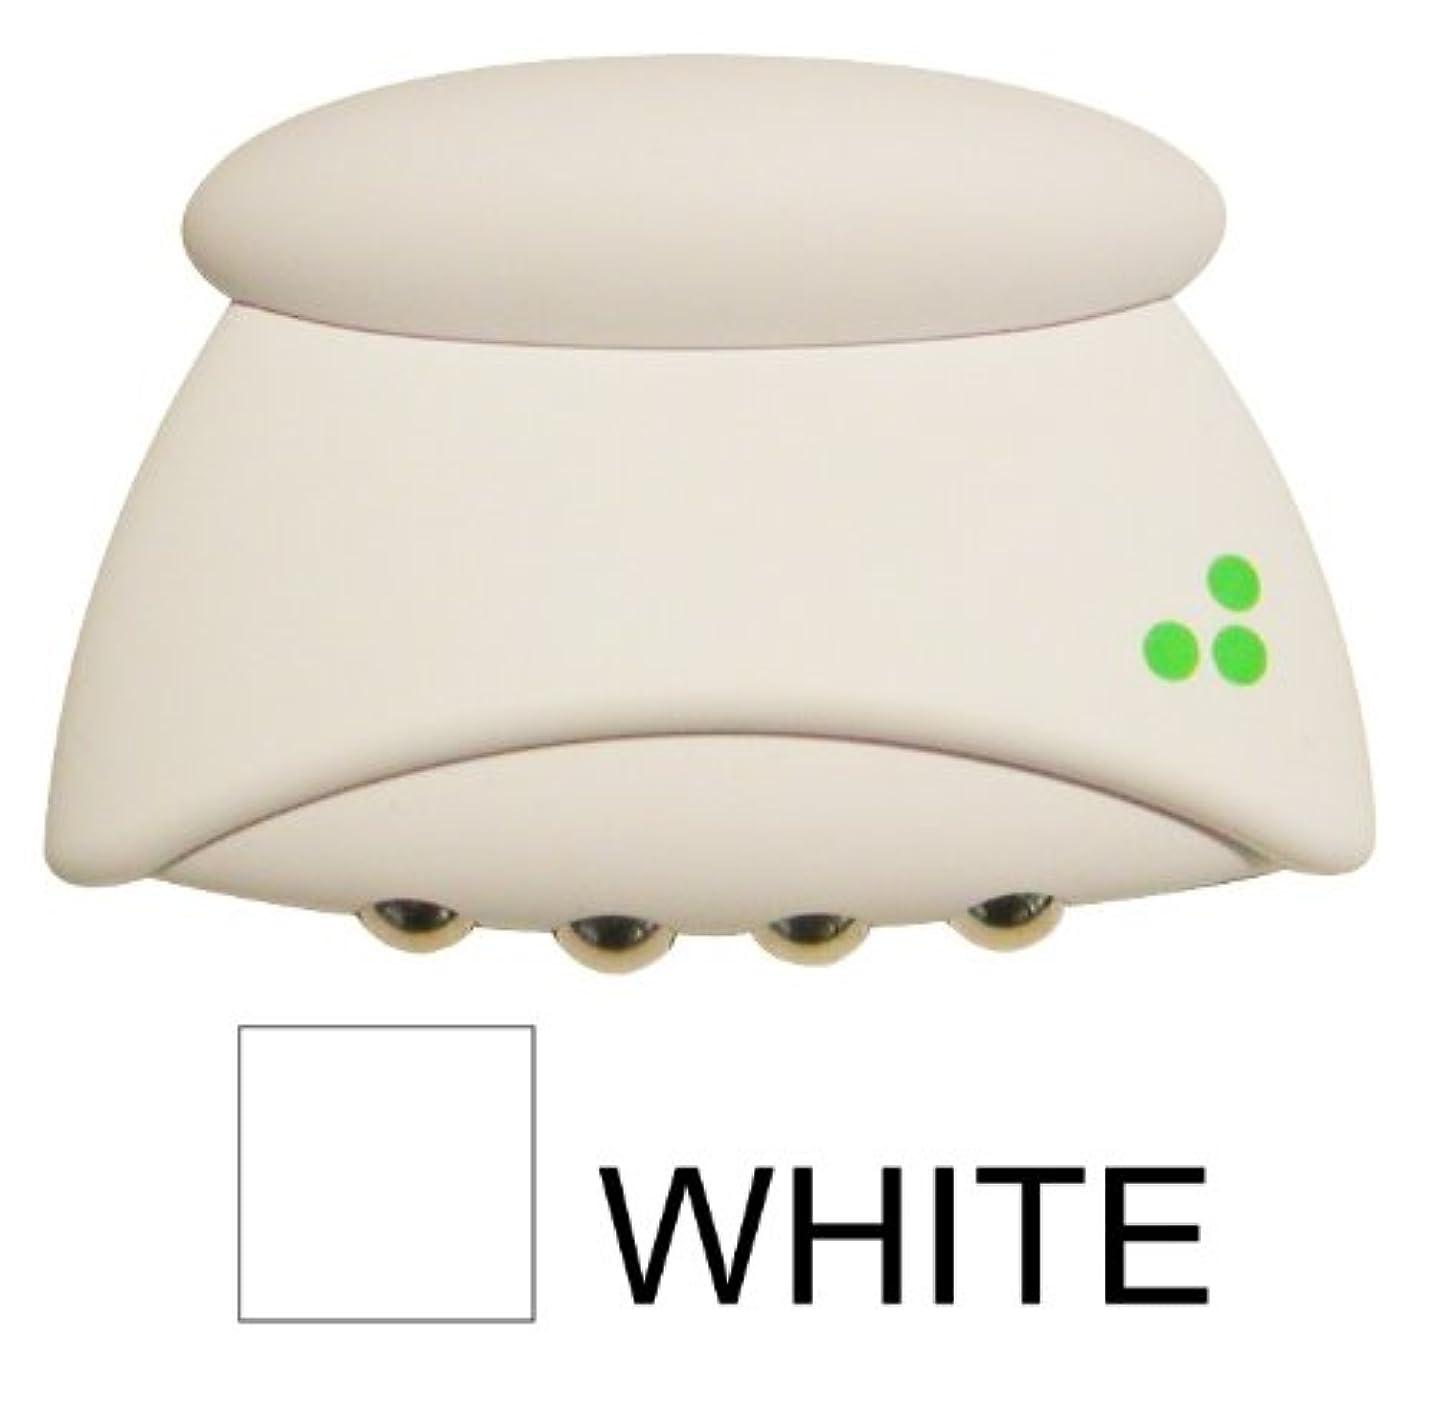 そこから仕立て屋高潔なシェルブル(shell-bulu)CLV-165(WH)ホワイト